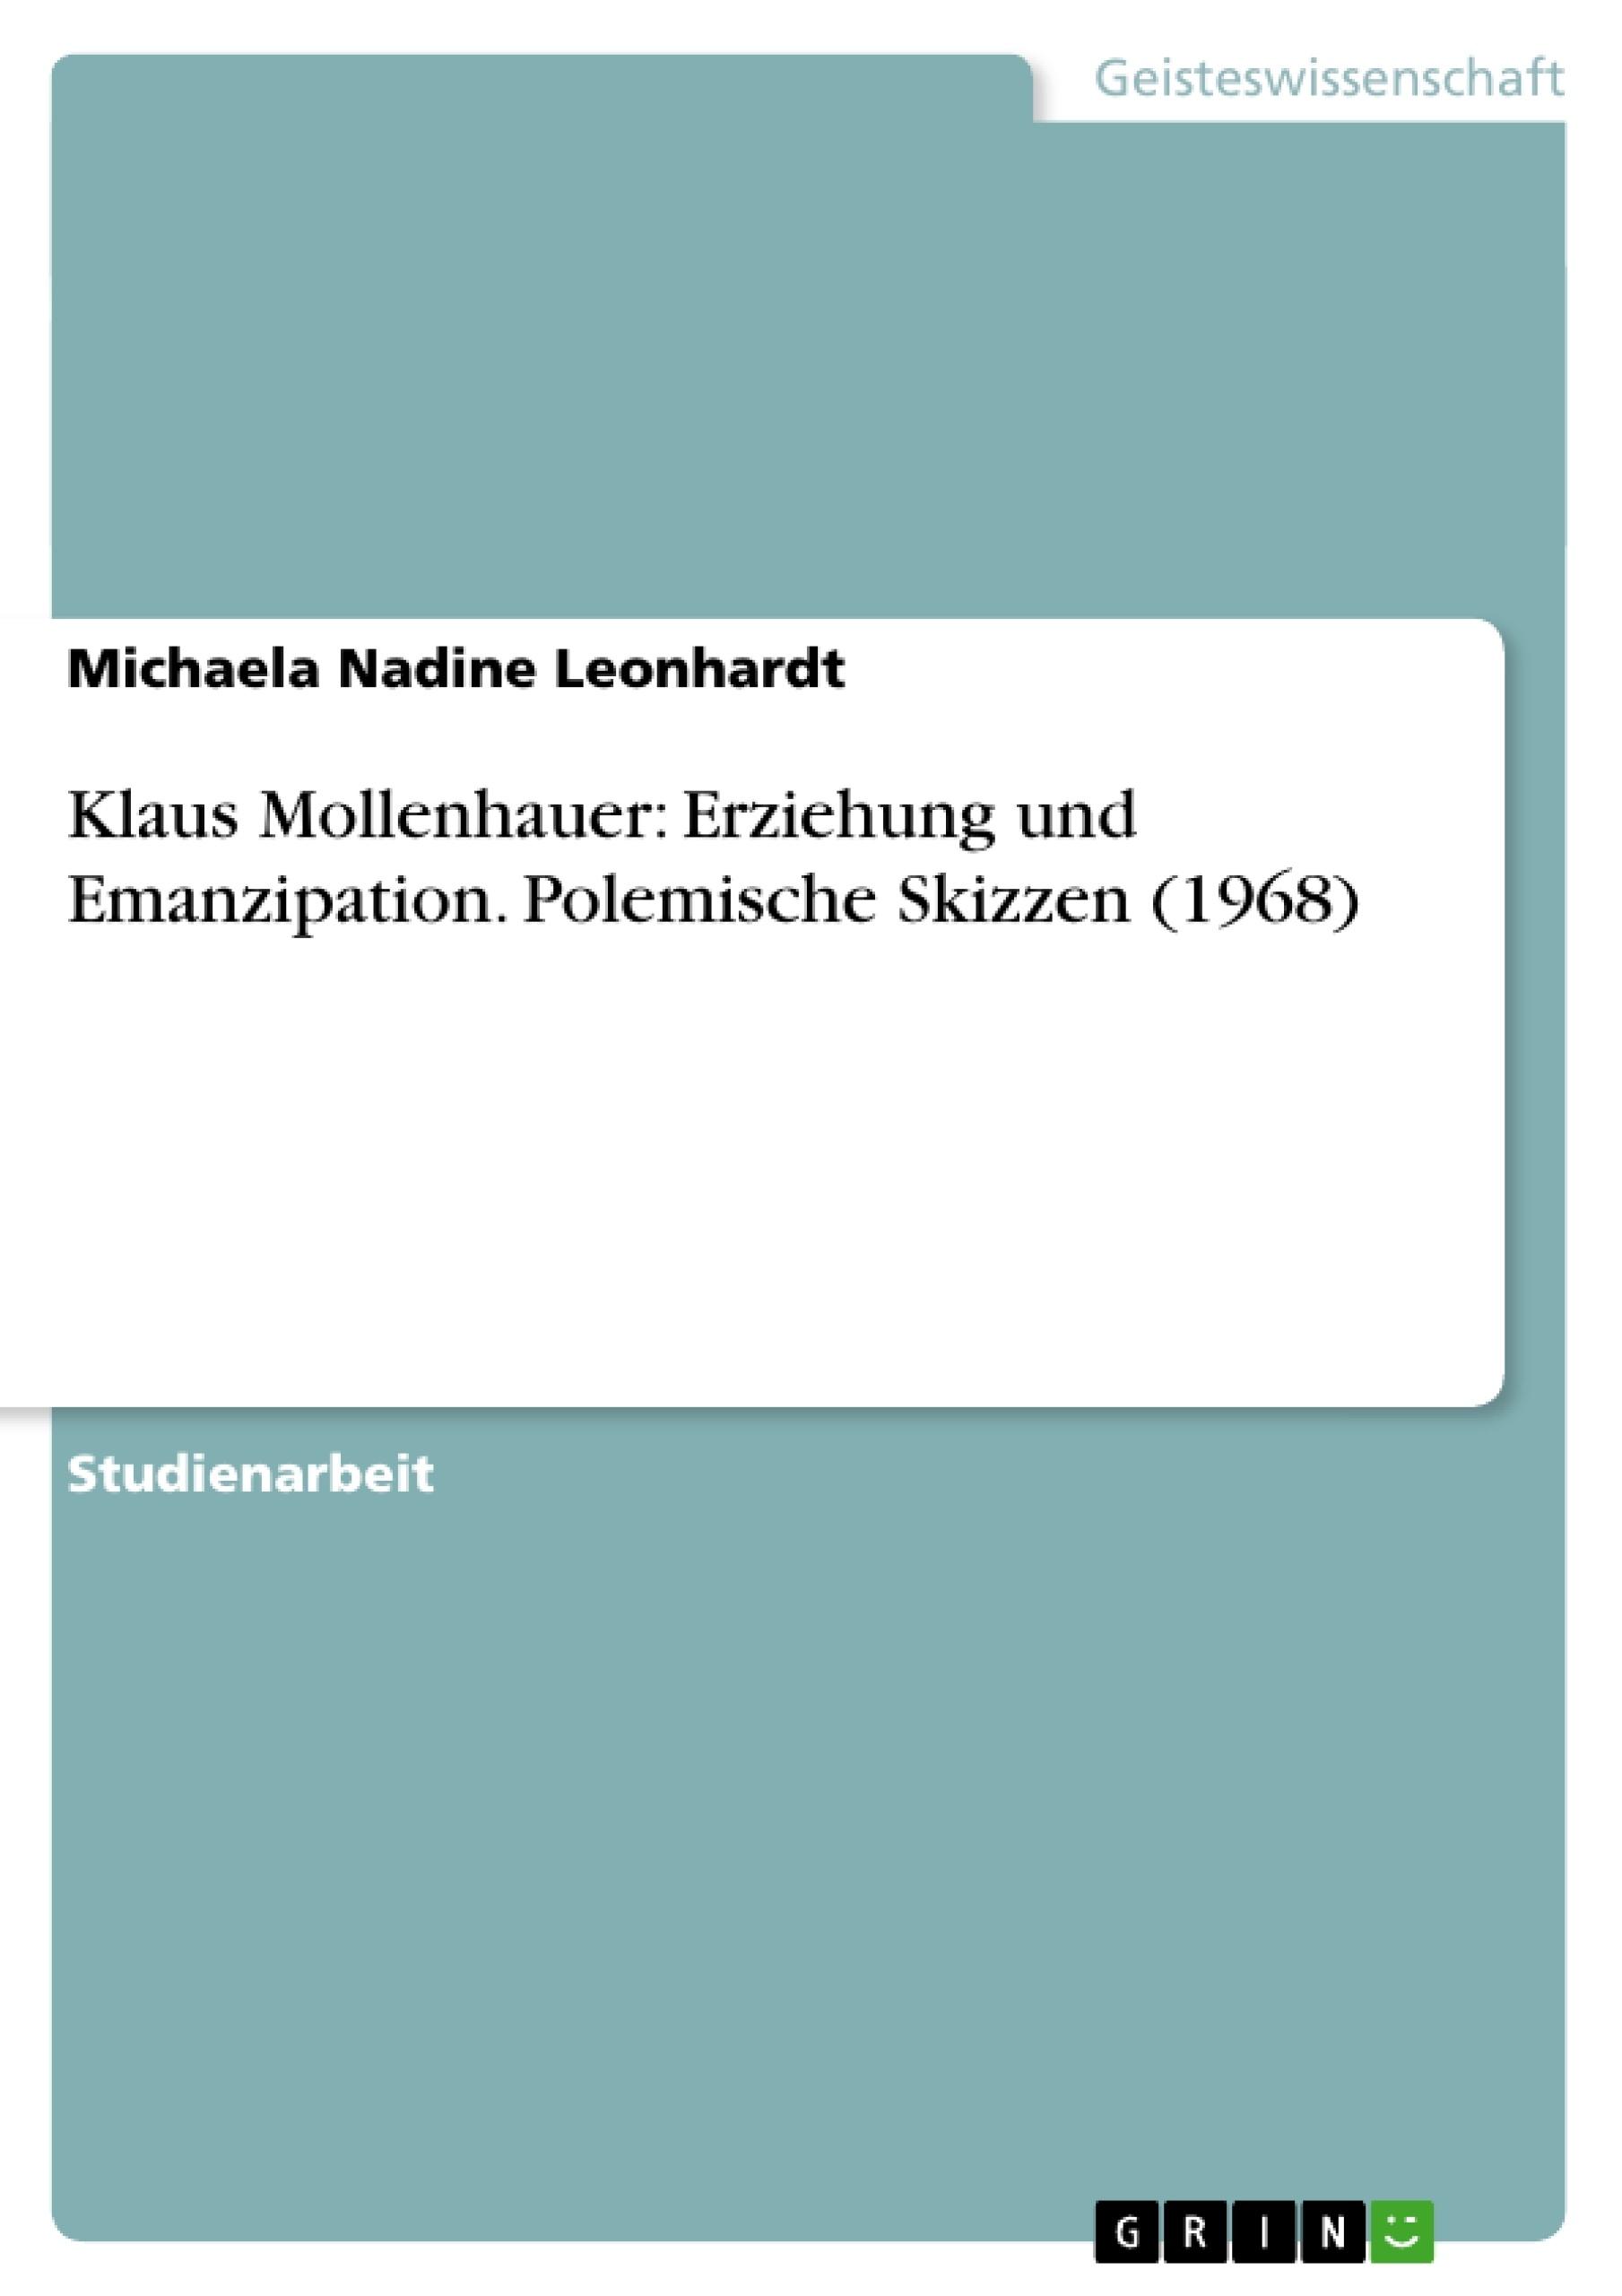 Titel: Klaus Mollenhauer: Erziehung und Emanzipation.  Polemische Skizzen (1968)